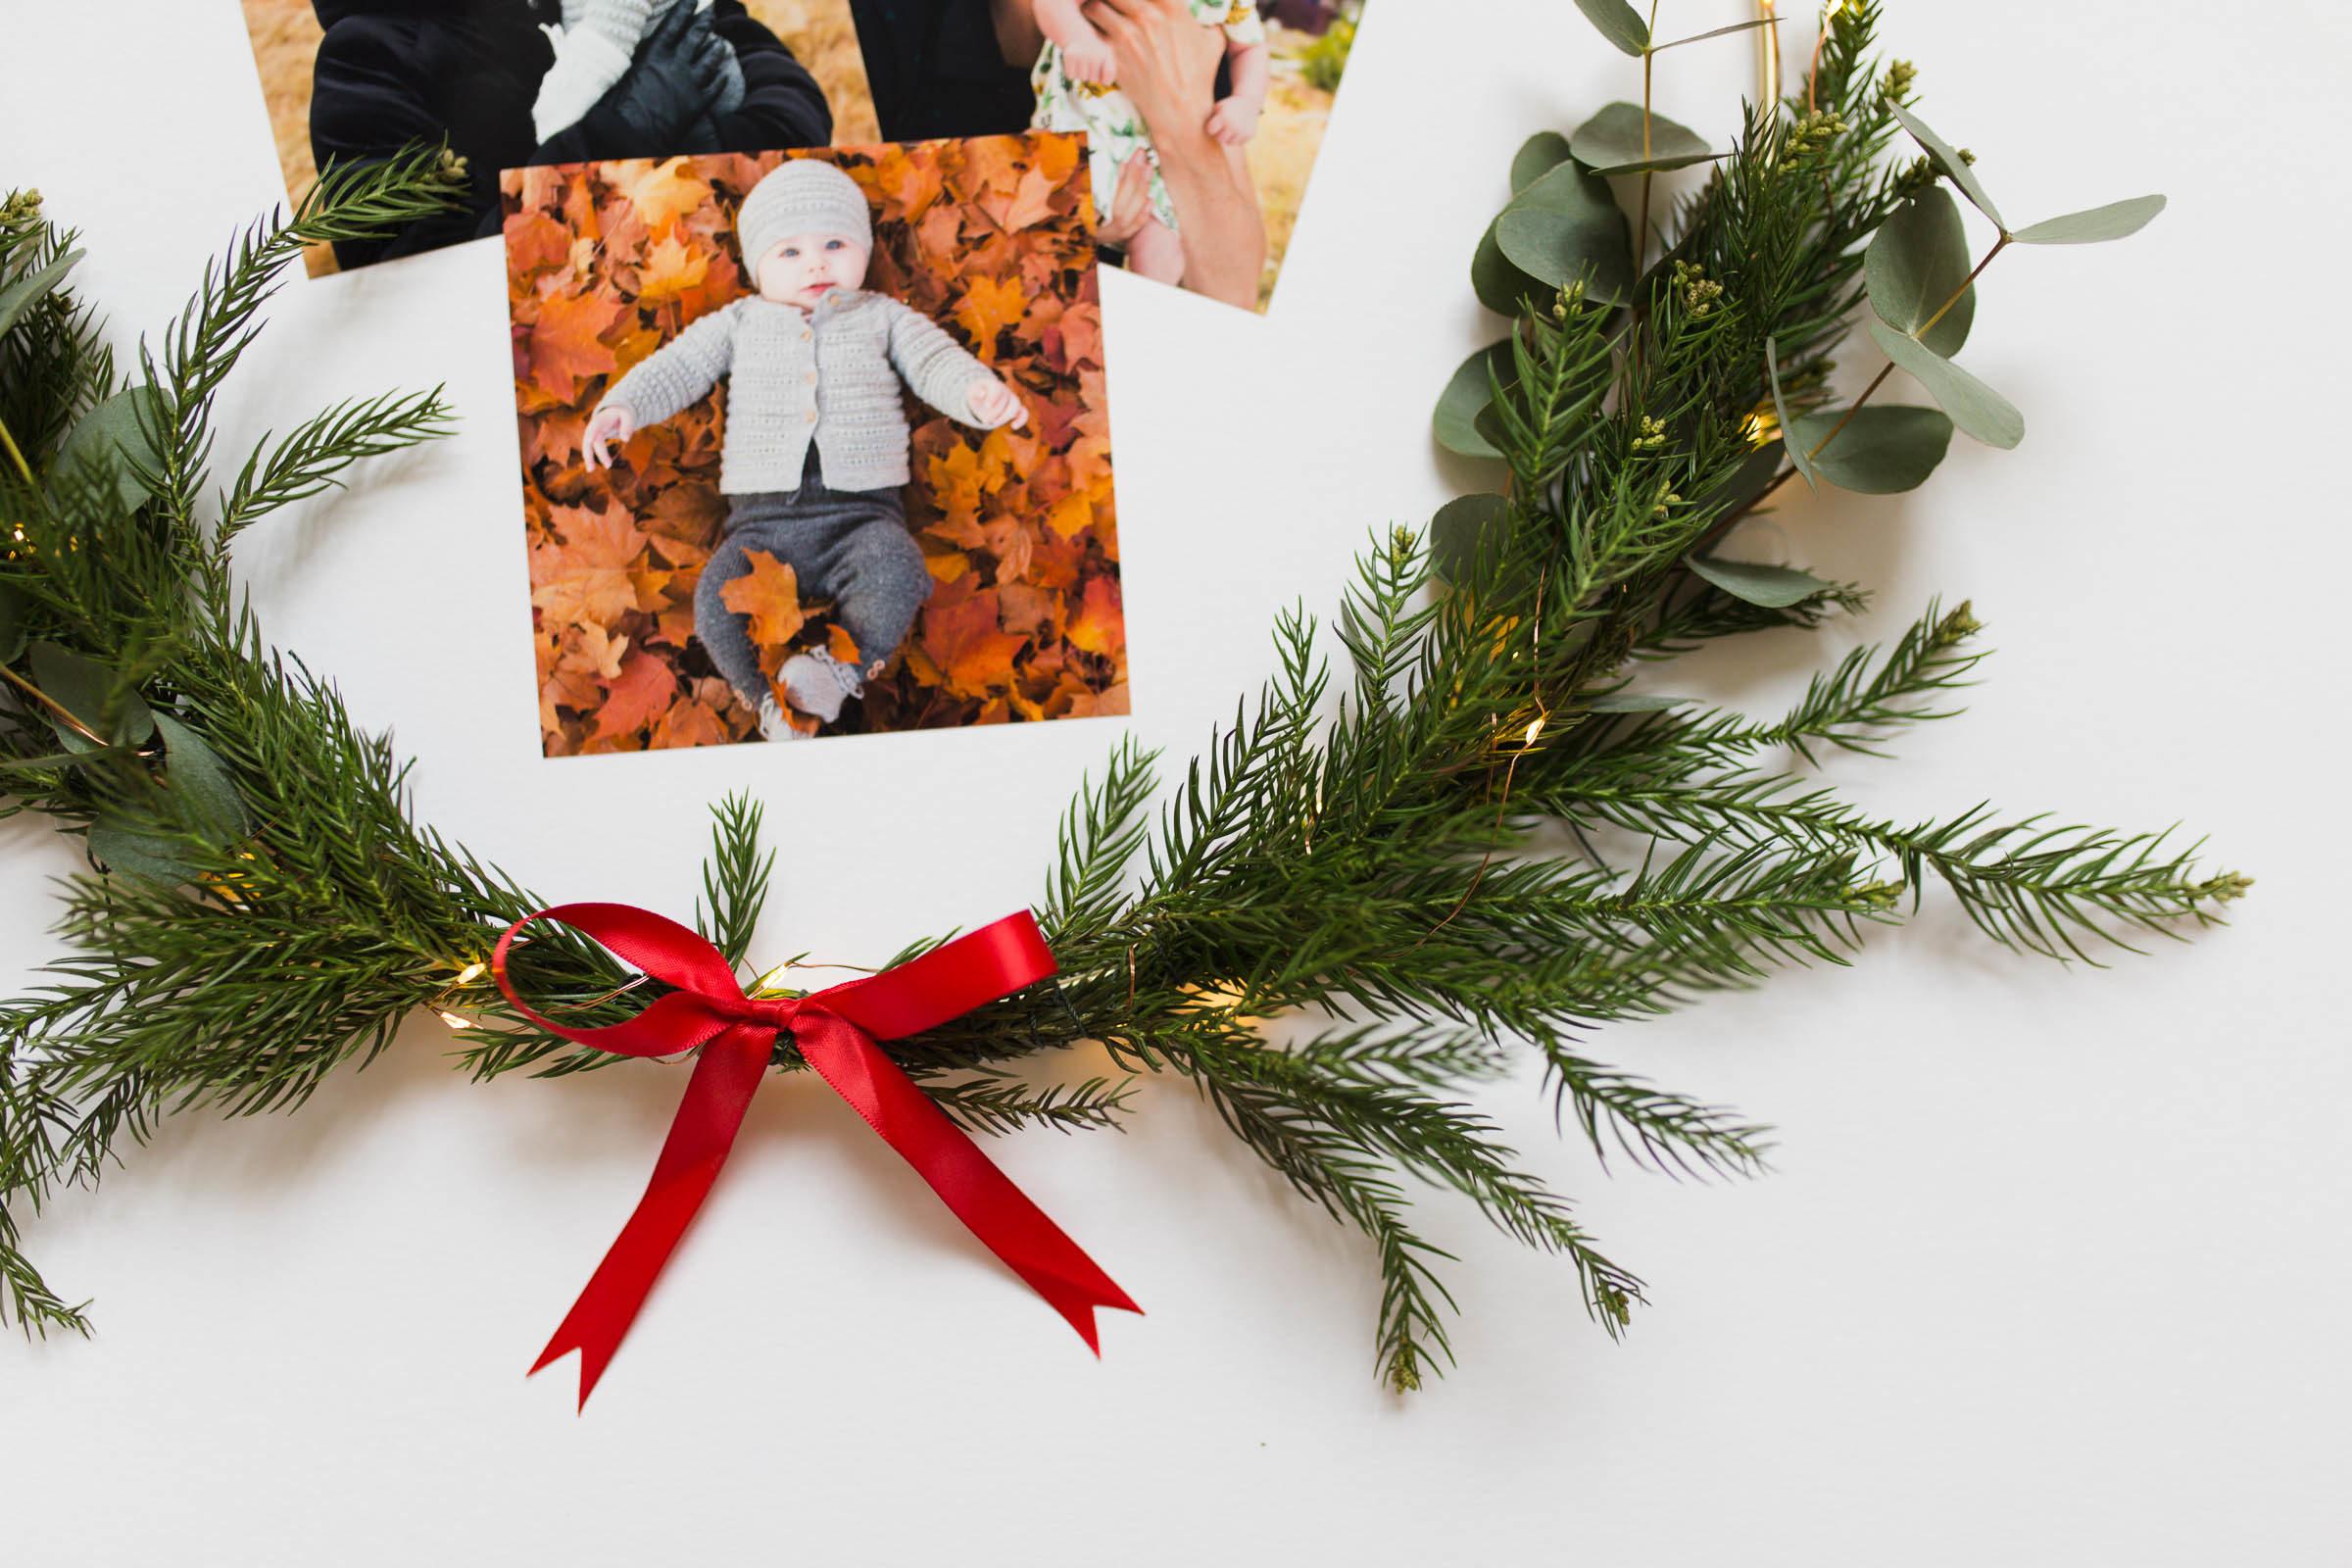 Julkrans med bilder